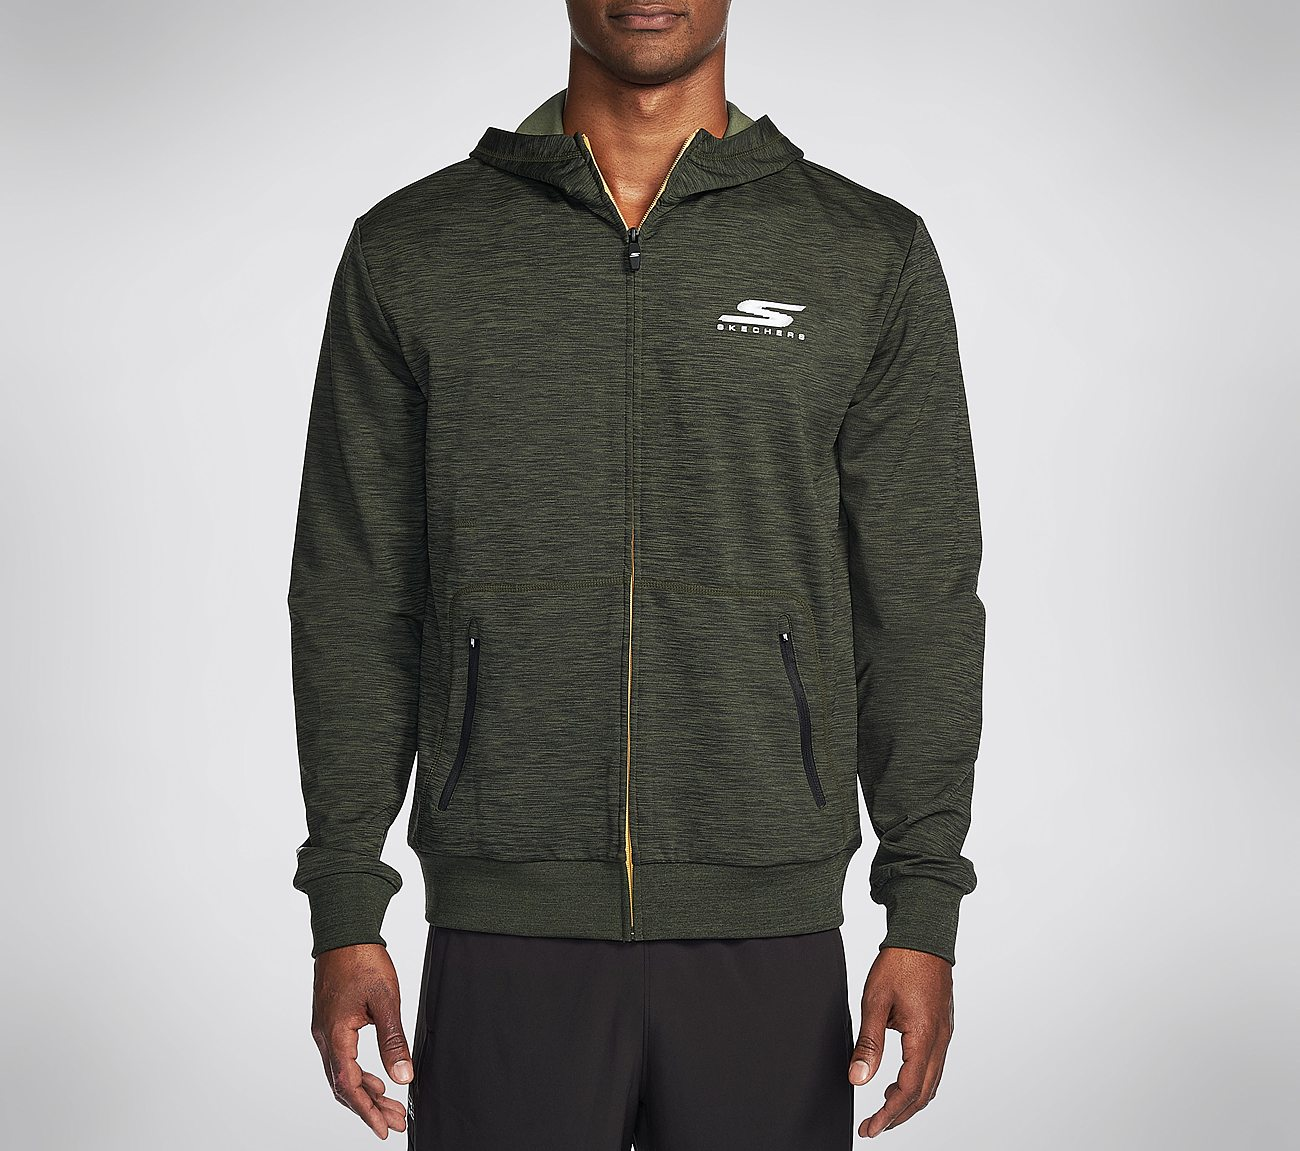 Buy SKECHERS Elevation Zip Jacket Fifty